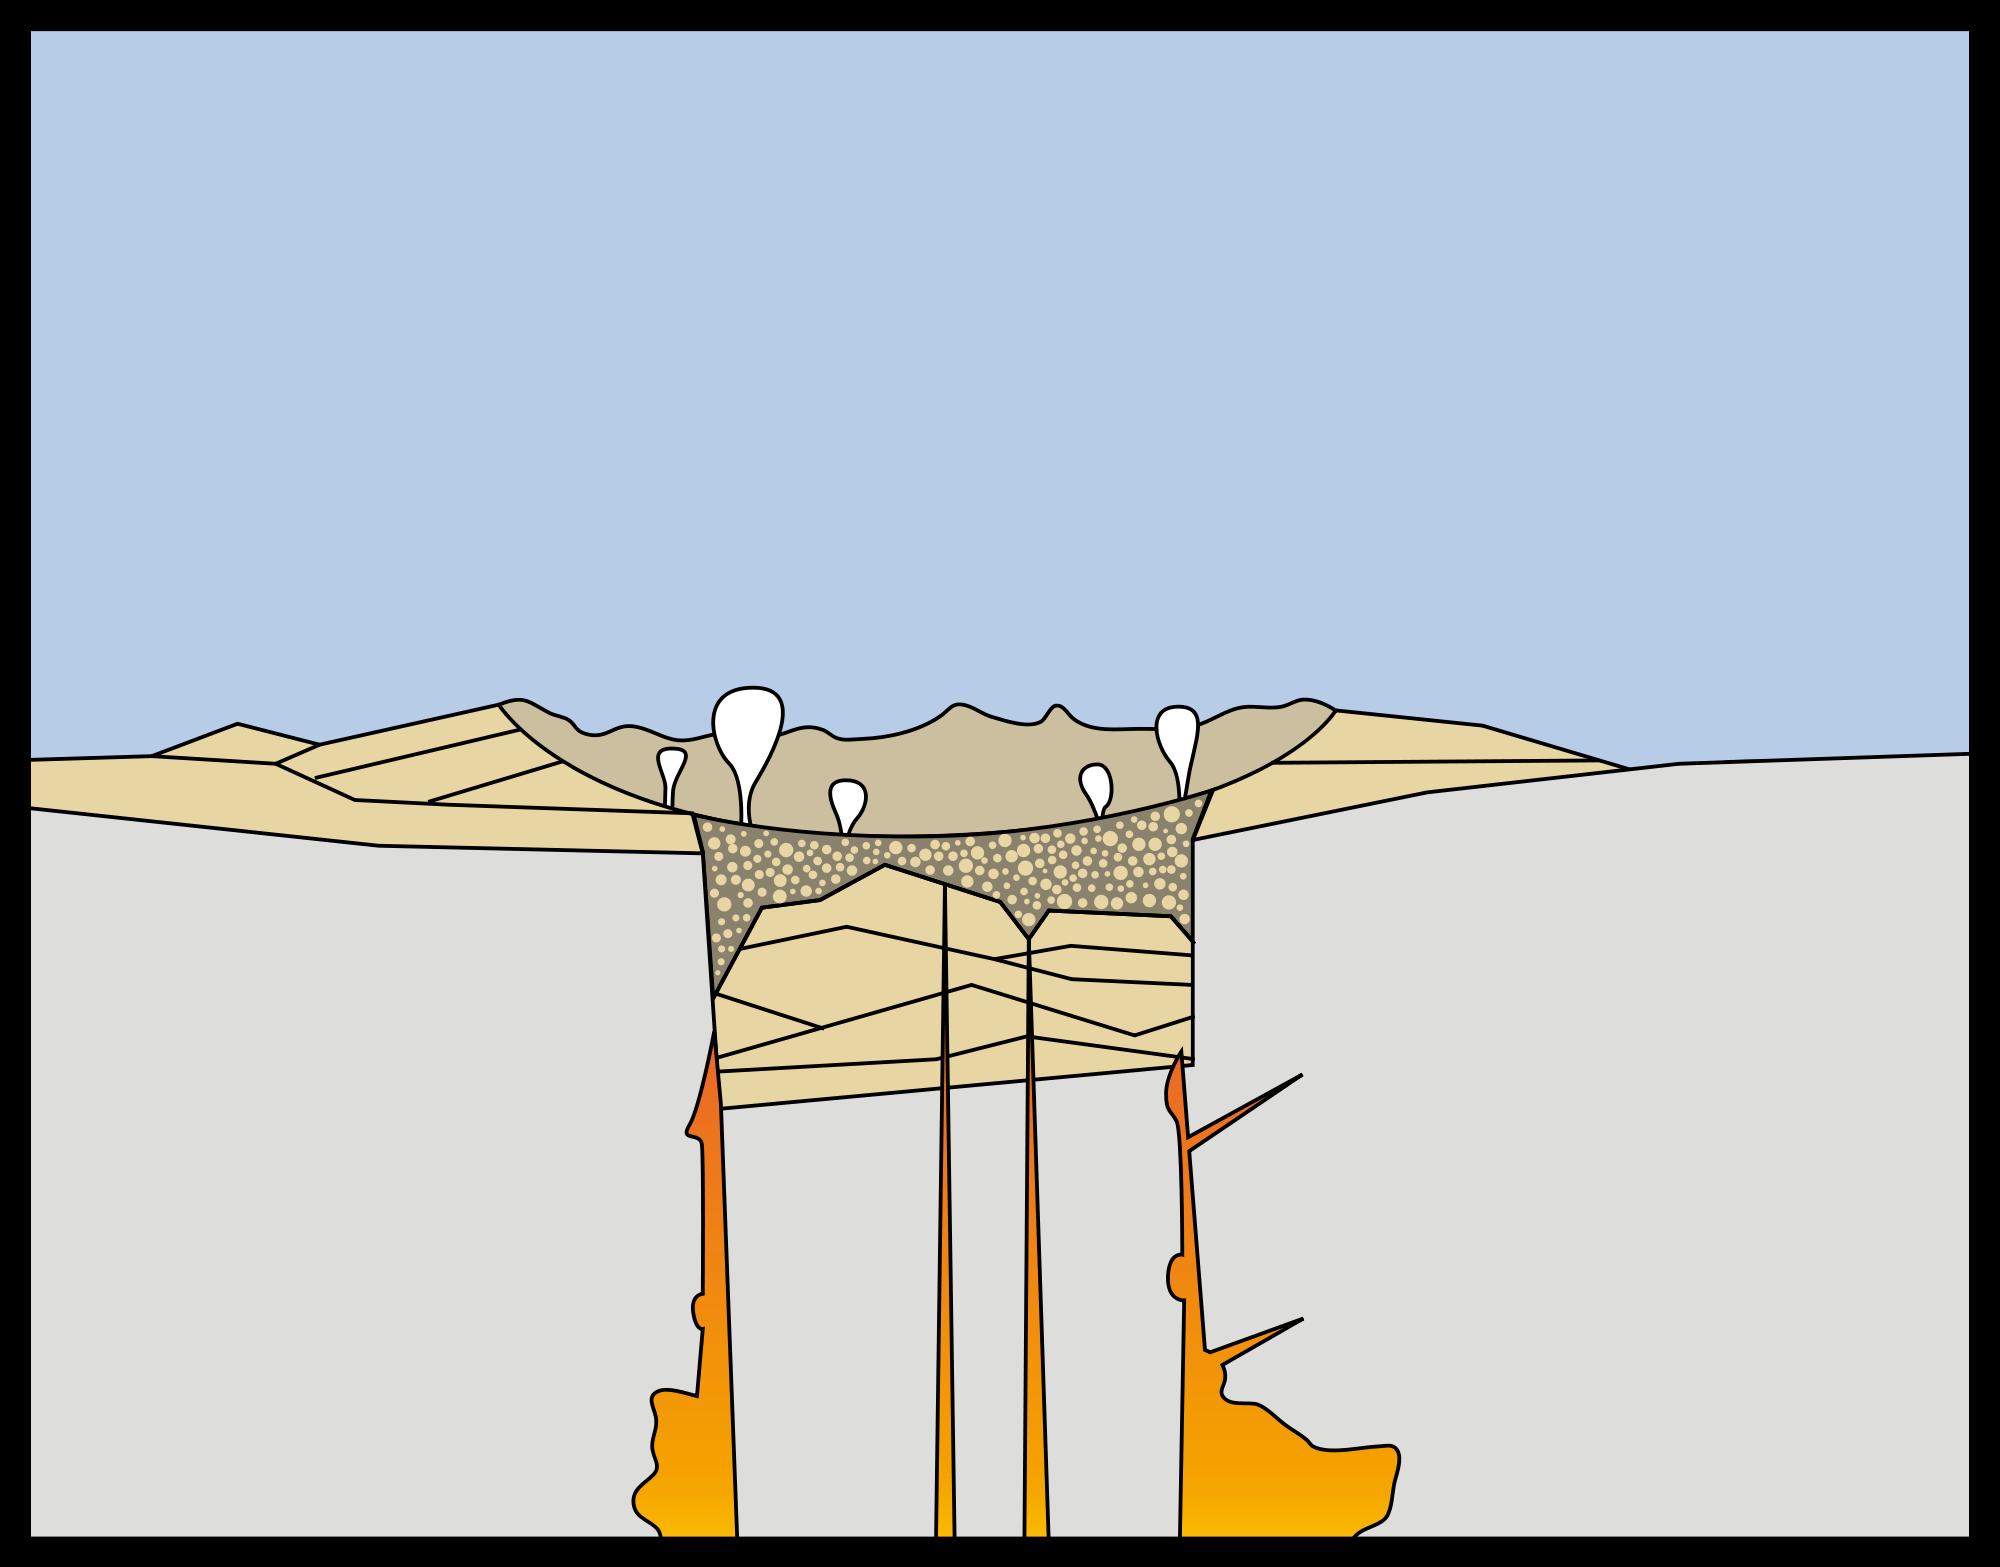 File:Mount Mazama eruption timeline 3.svg.